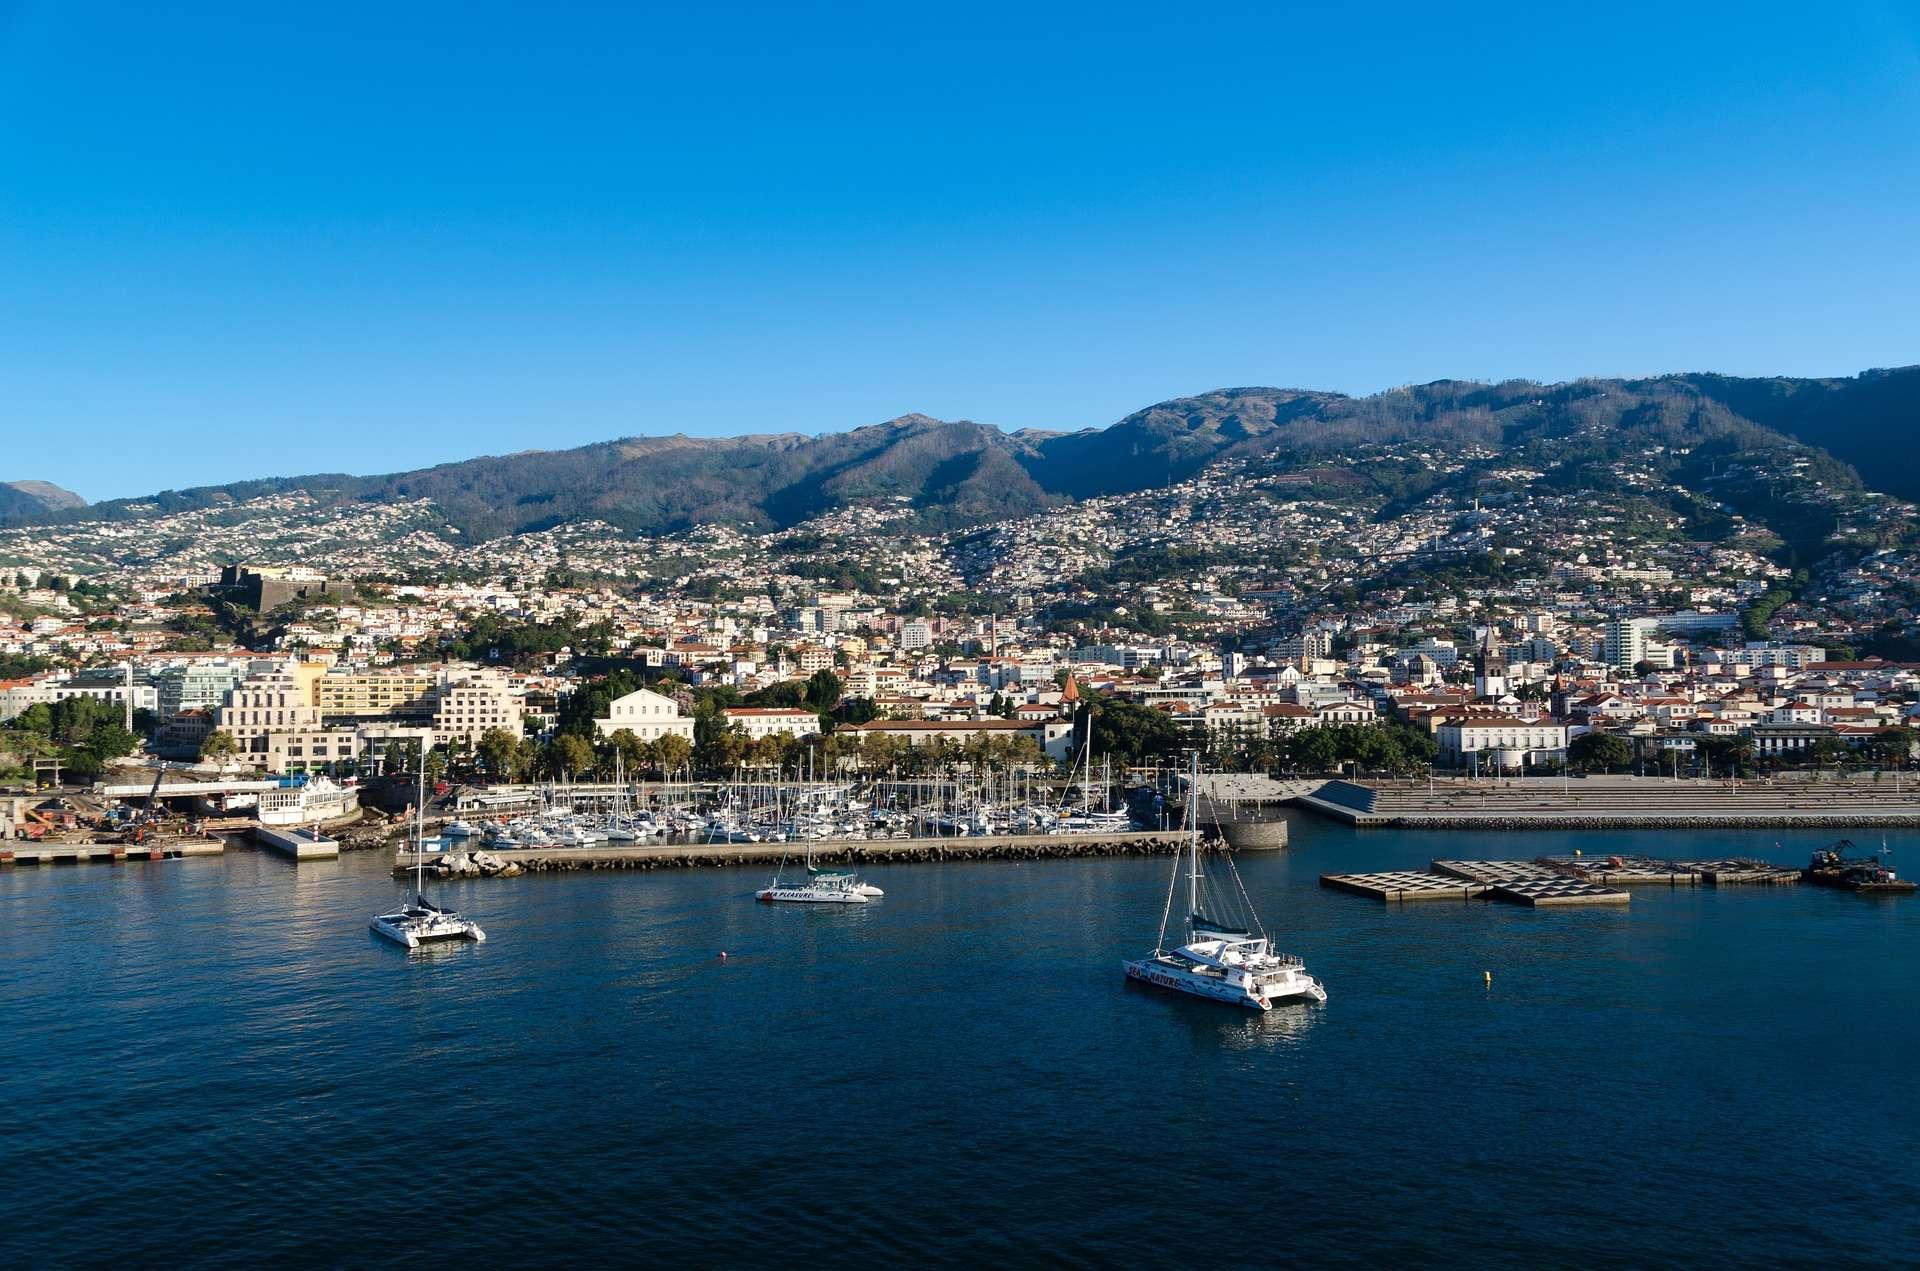 Direktflüge und Billigflüge nach Portugal